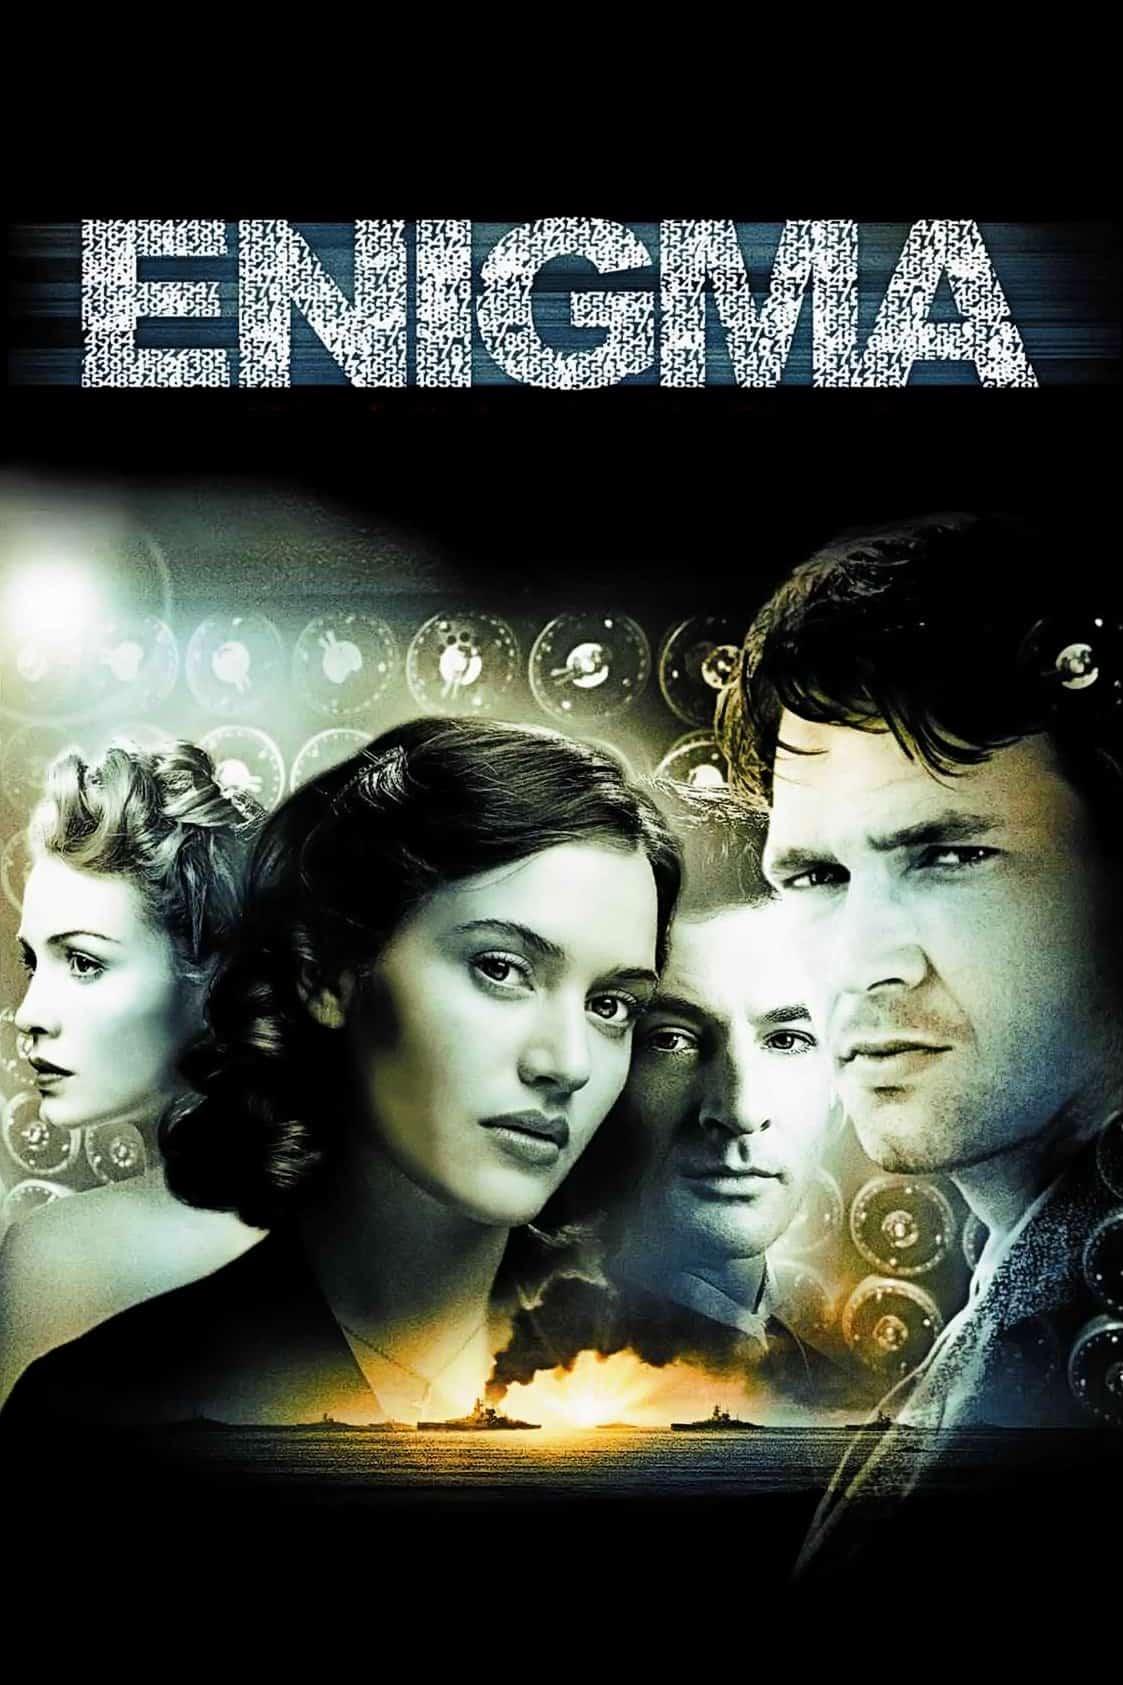 Enigma, 2001